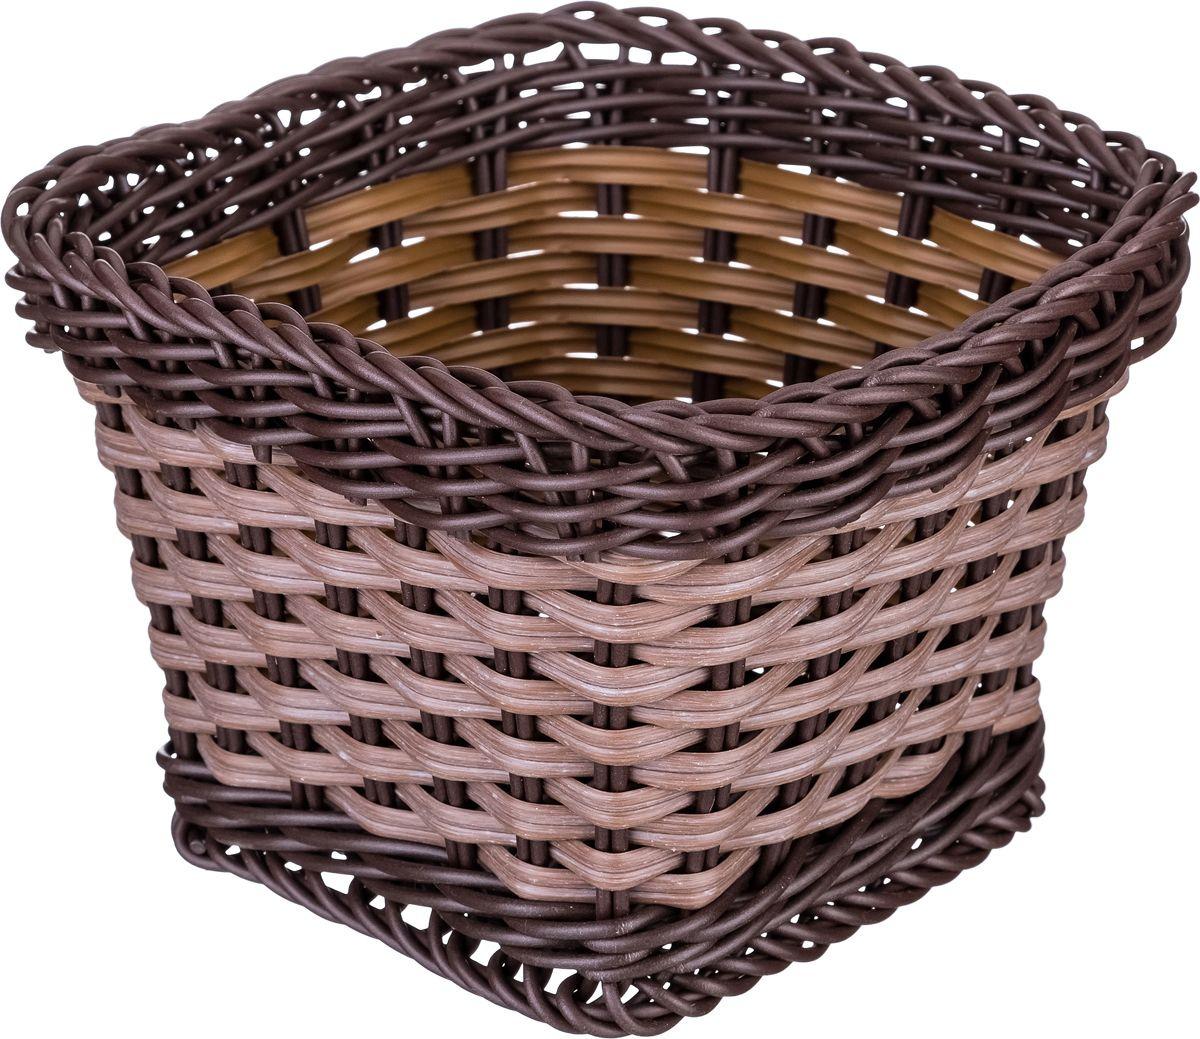 Корзина для мелочей Lefard, цвет: коричневый, 14 х 14 х 10 см lefard сувенир louise 10 см